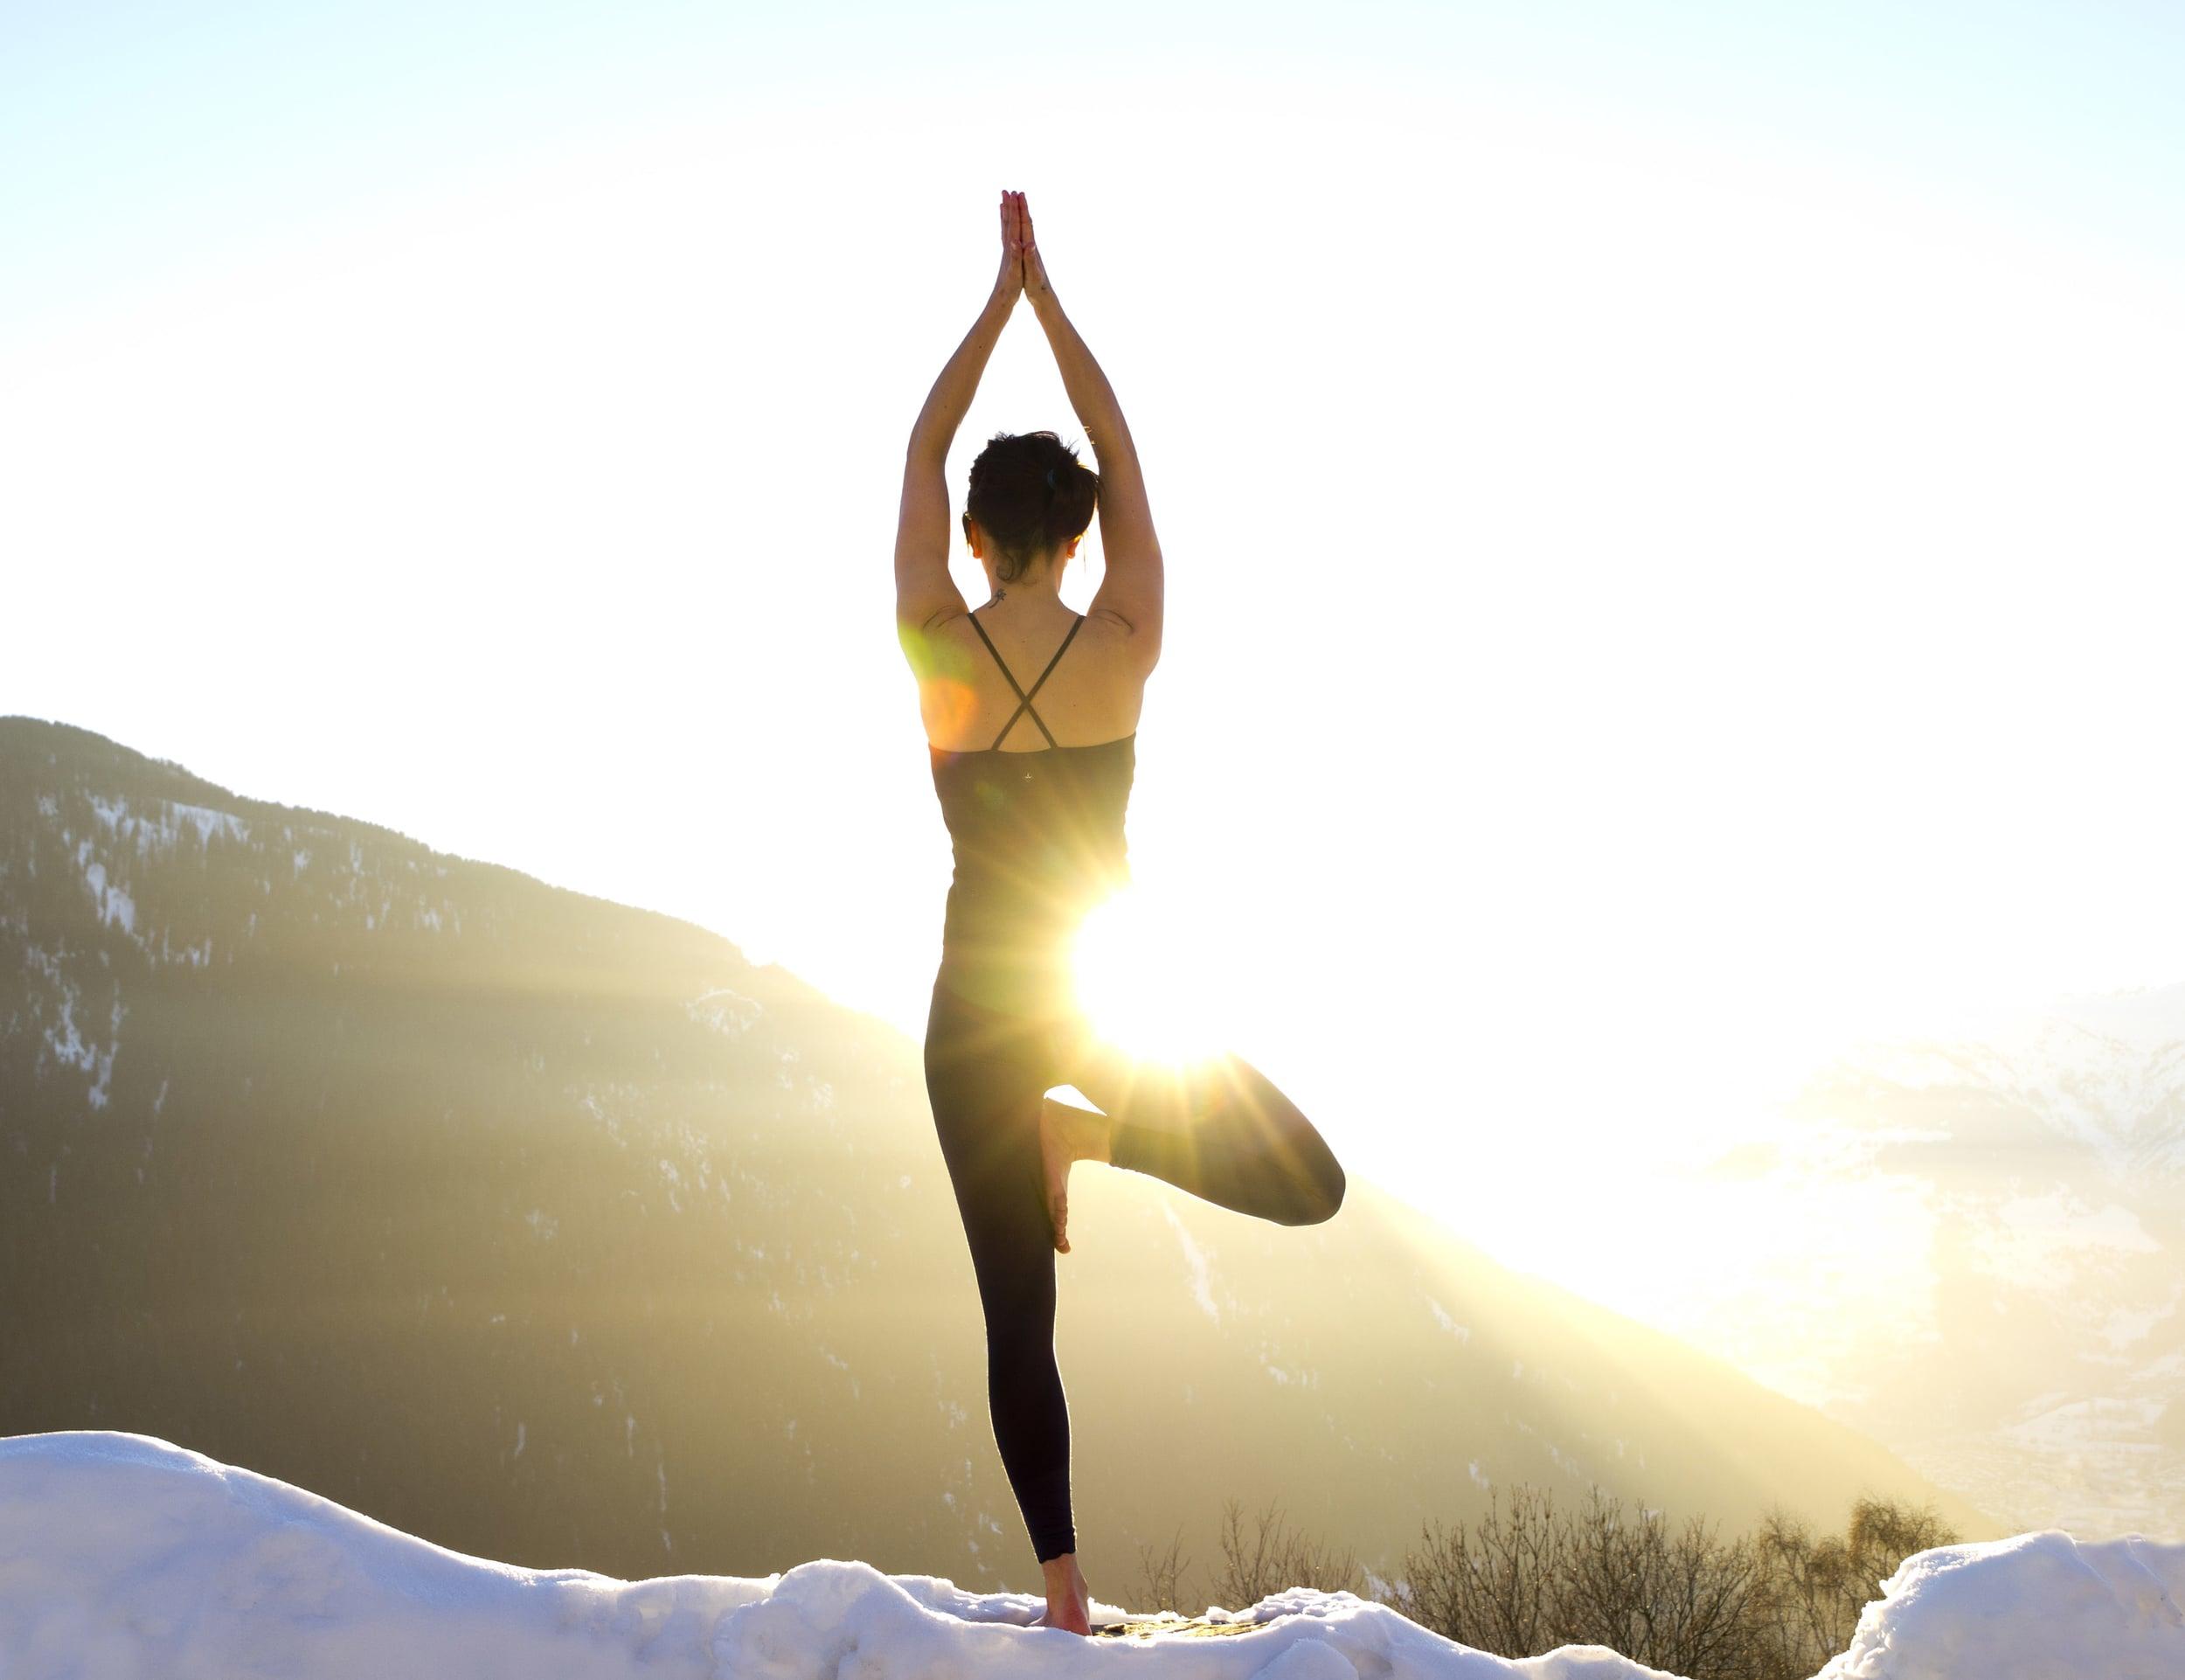 Pause Play Snow Yoga